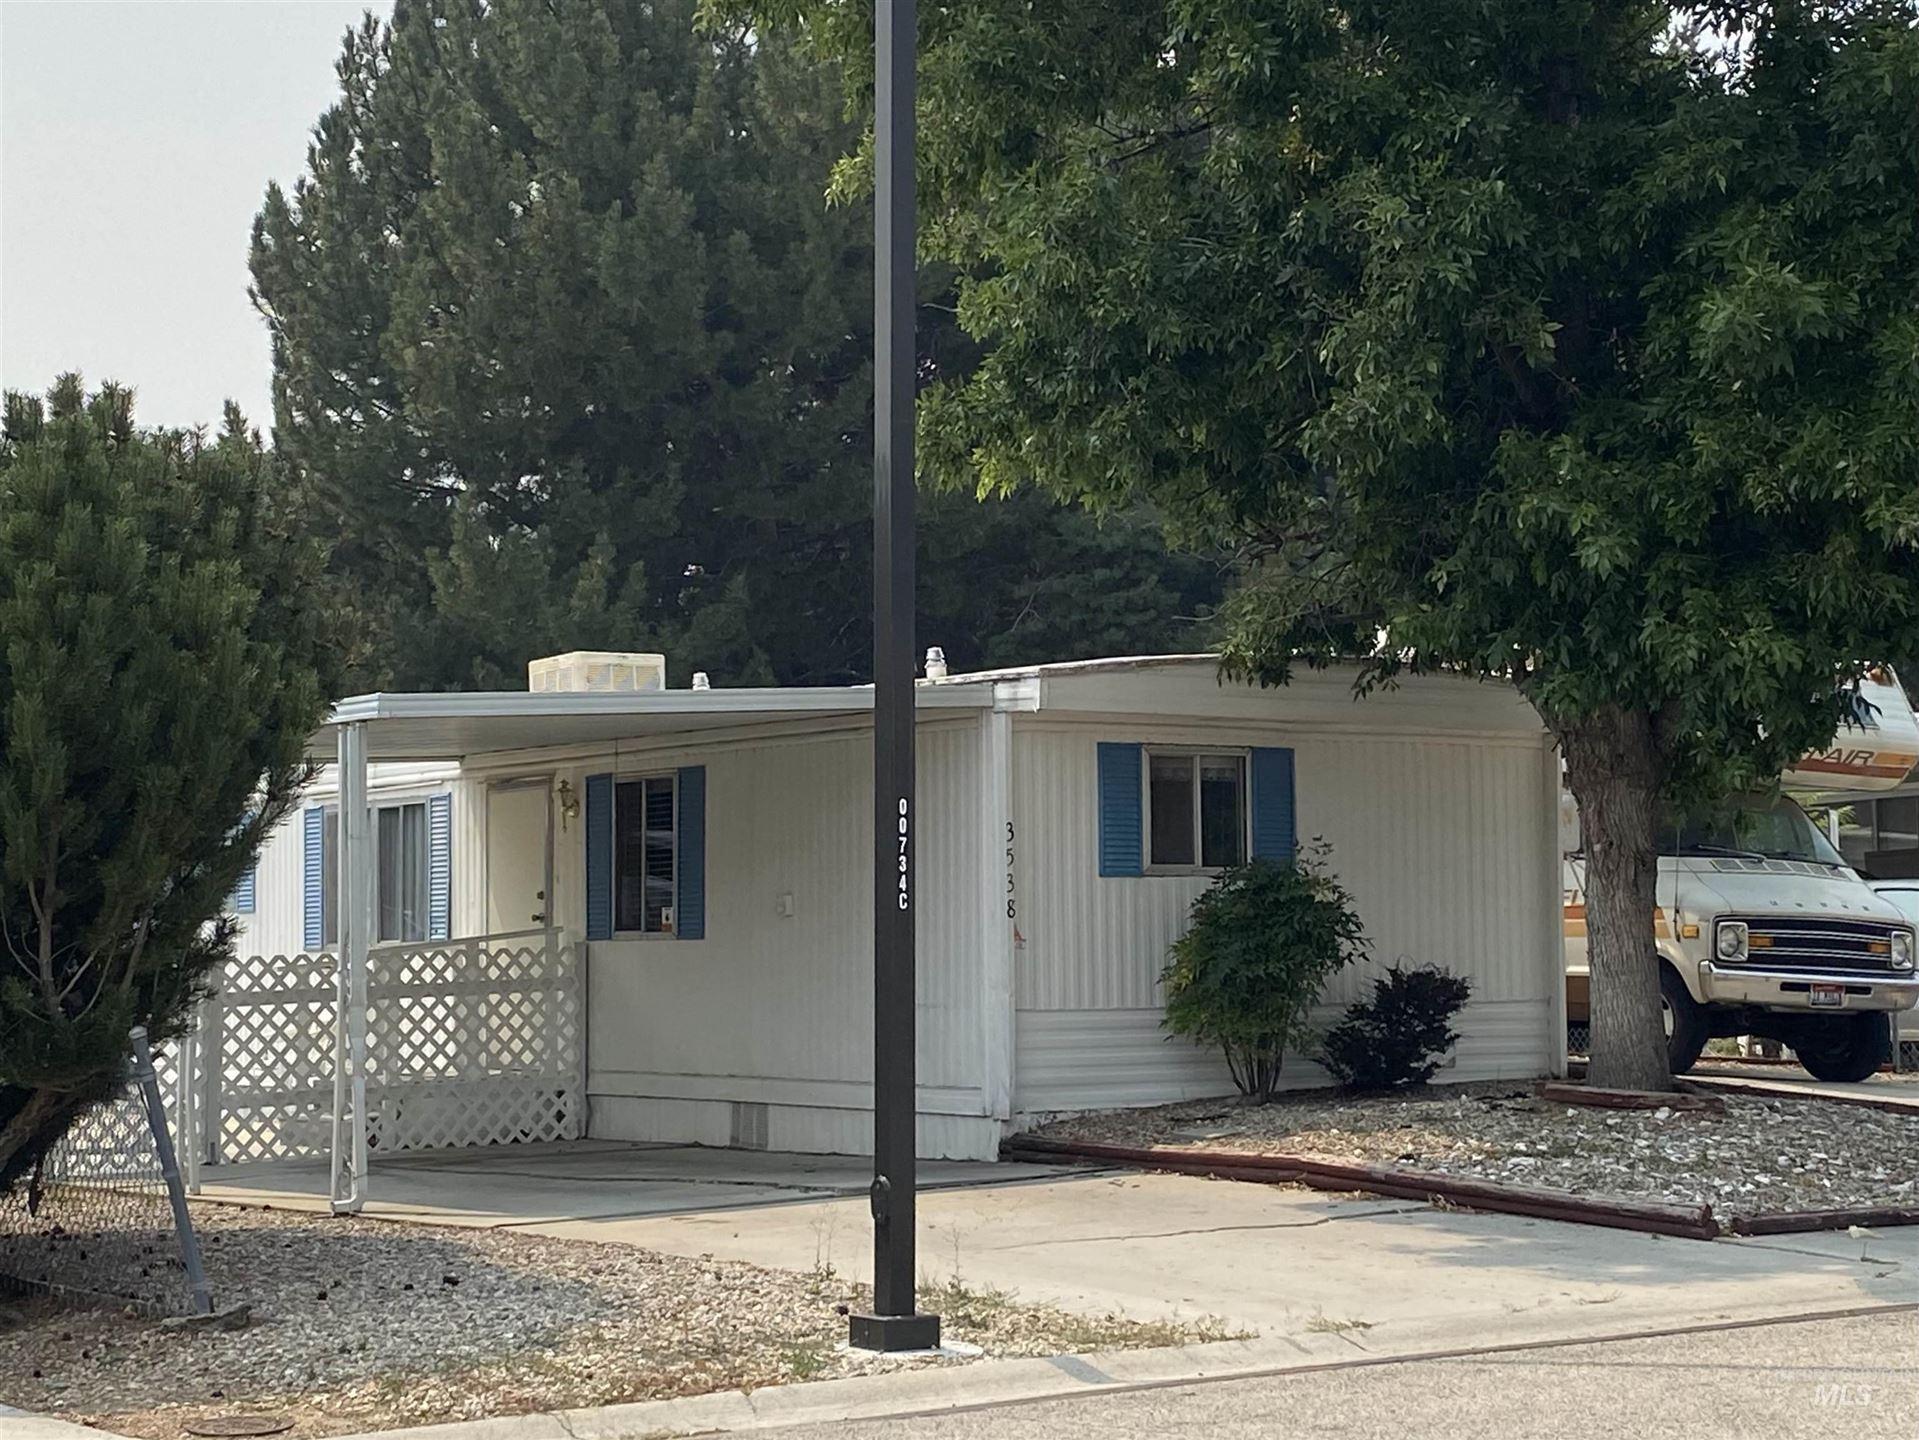 3538 Kingsland Way, Boise, ID 83716 - MLS#: 98815276